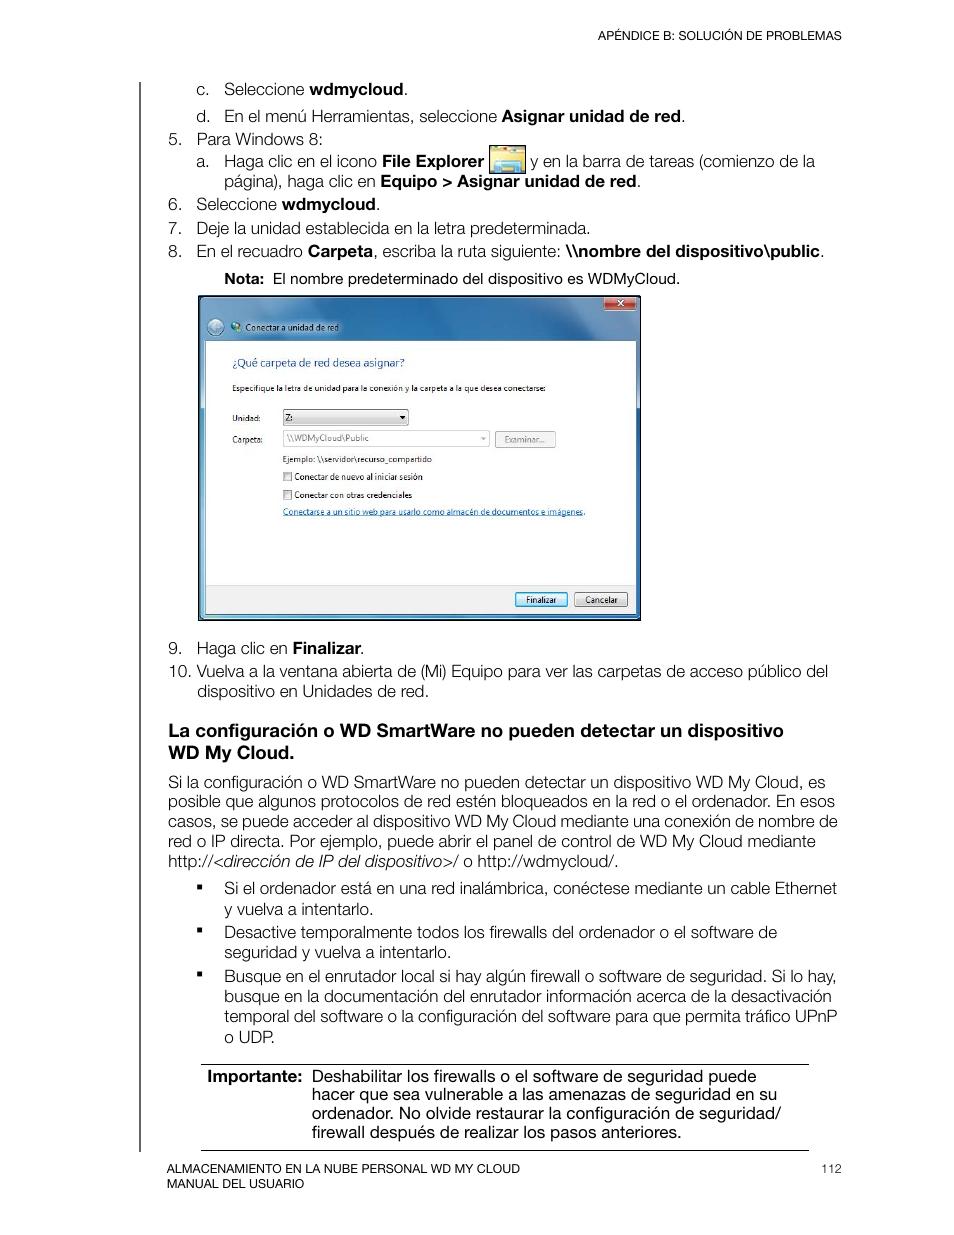 Western Digital My Cloud User Manual Manual del usuario